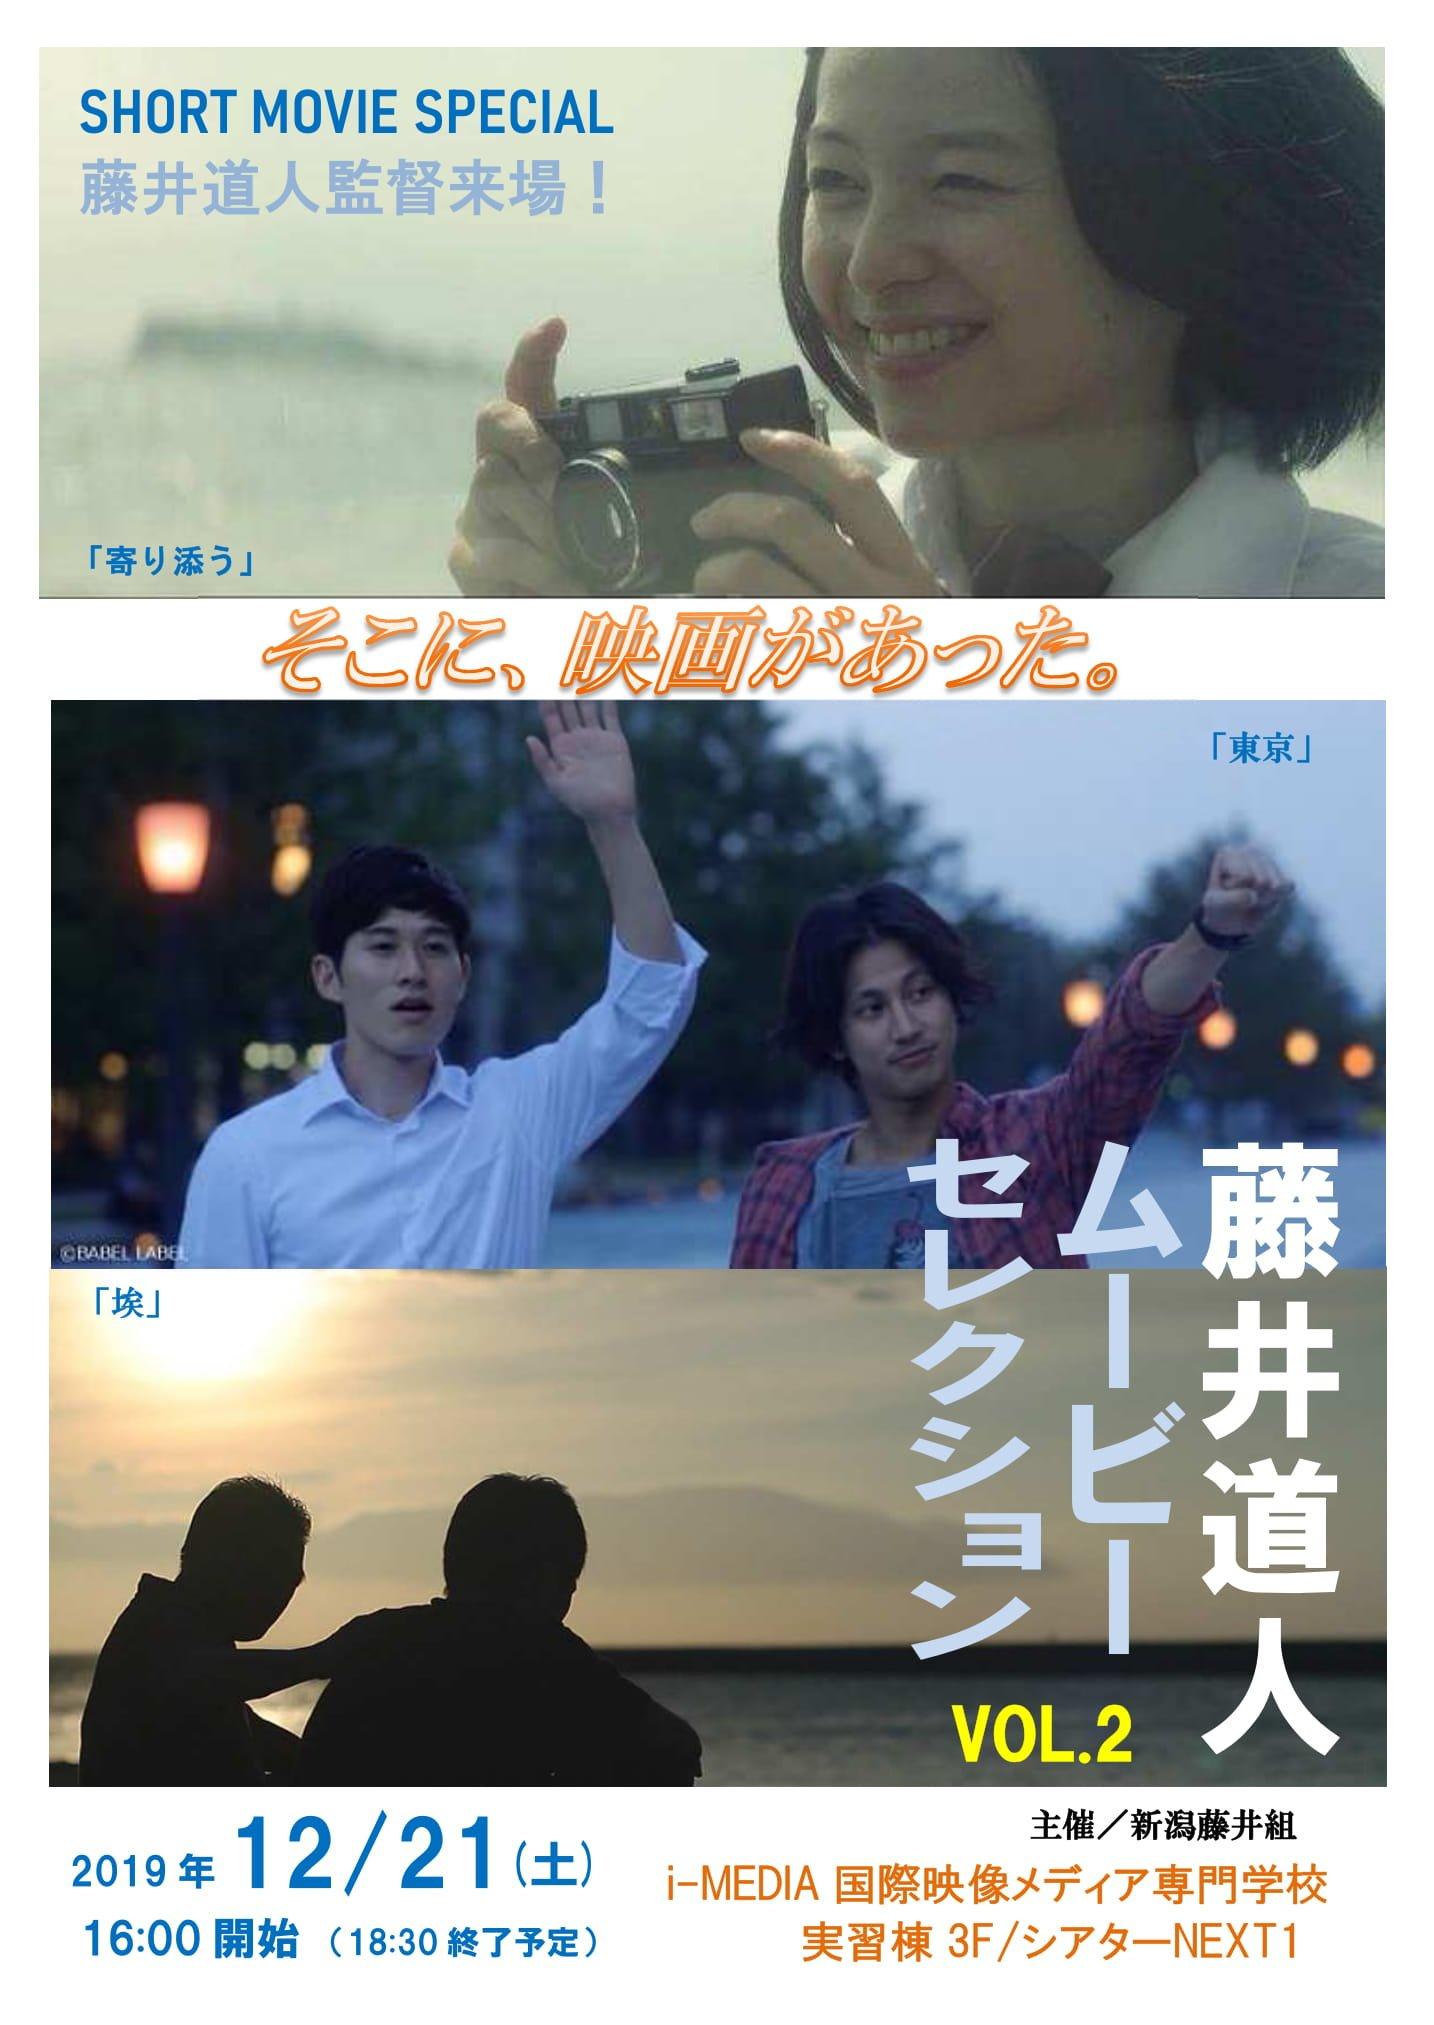 藤井道人ムービーセレクション Vol.2   SHORT MOVIE SPECIAL!